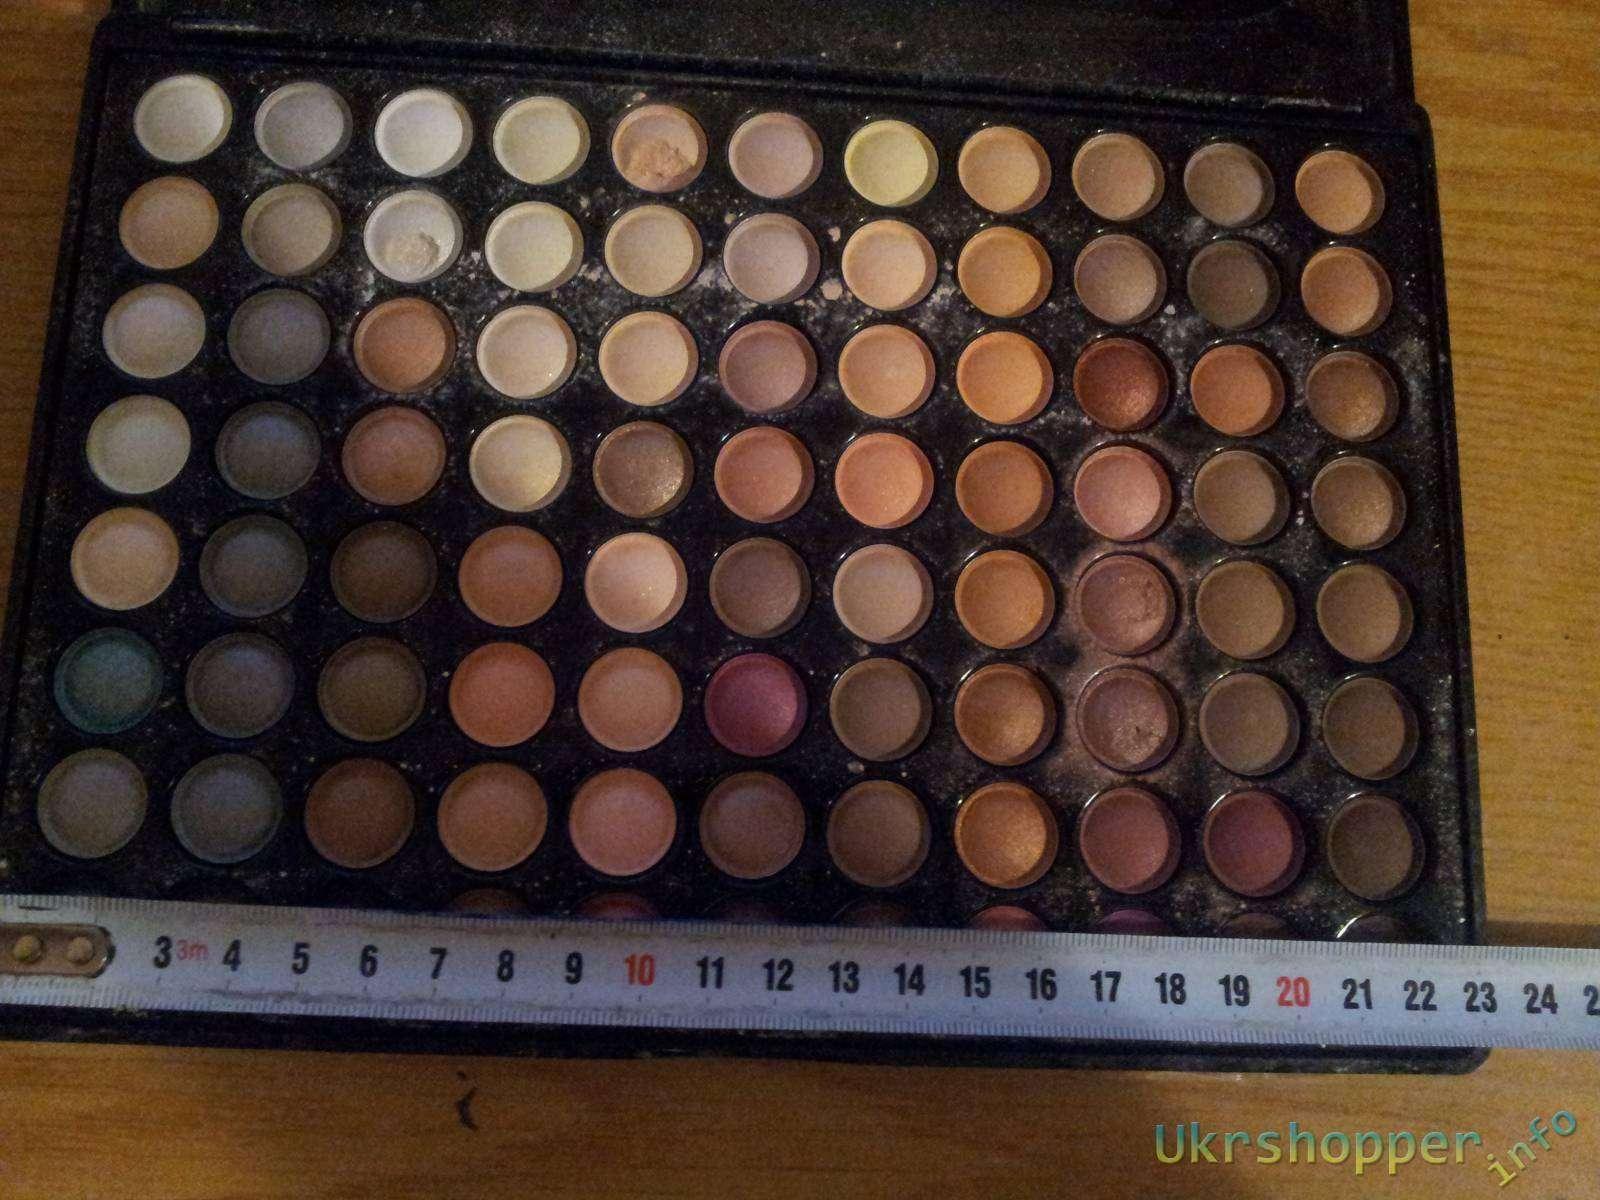 BuyinCoins: Обзор не дорогой палетки для макияжа на 88 цветов